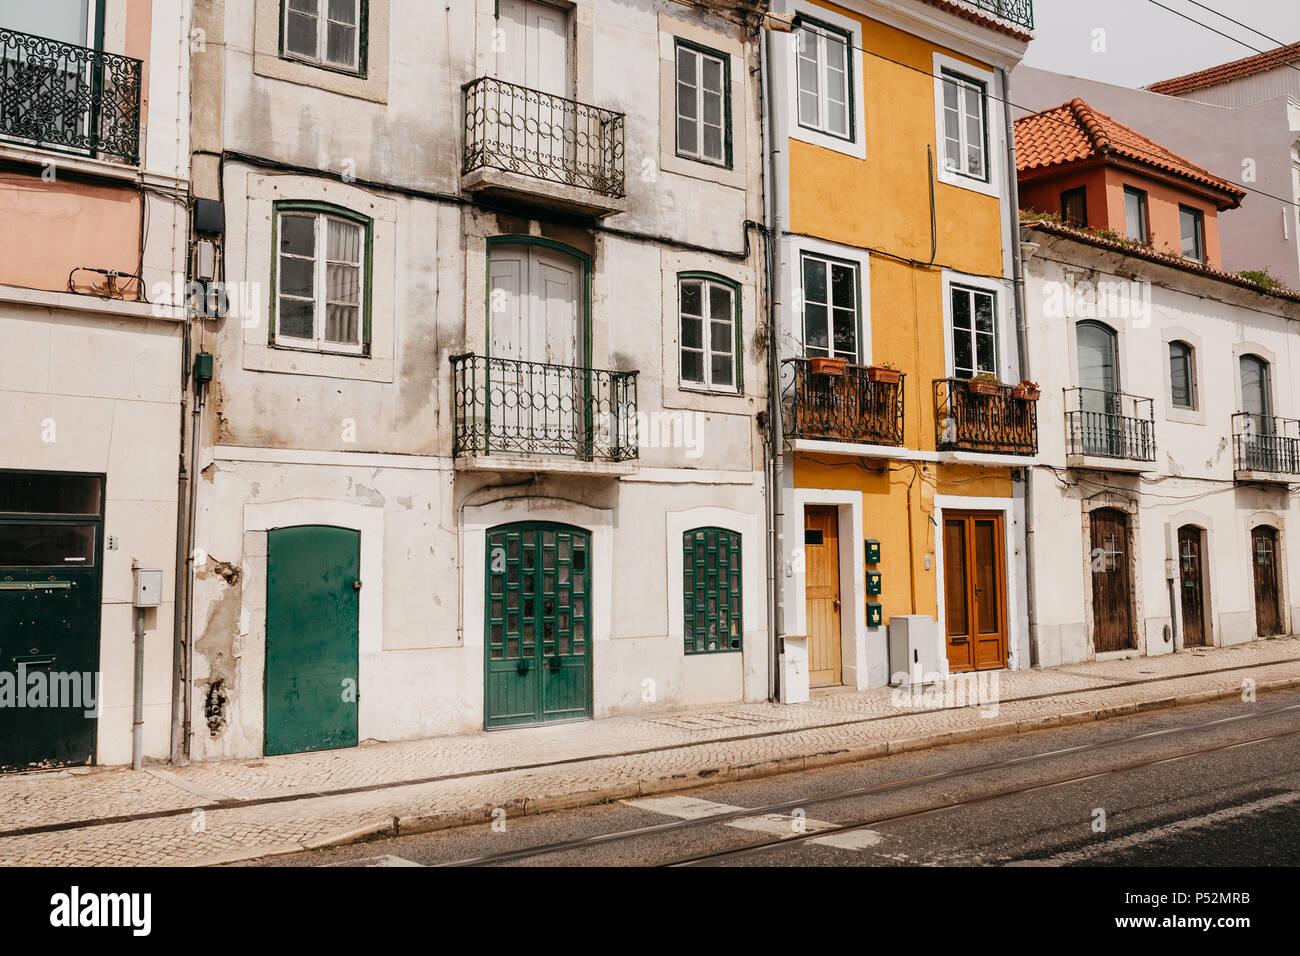 Arquitectura tradicional europeo. Hermosas casas antiguas en la calle en Lisboa en Portugal Foto de stock